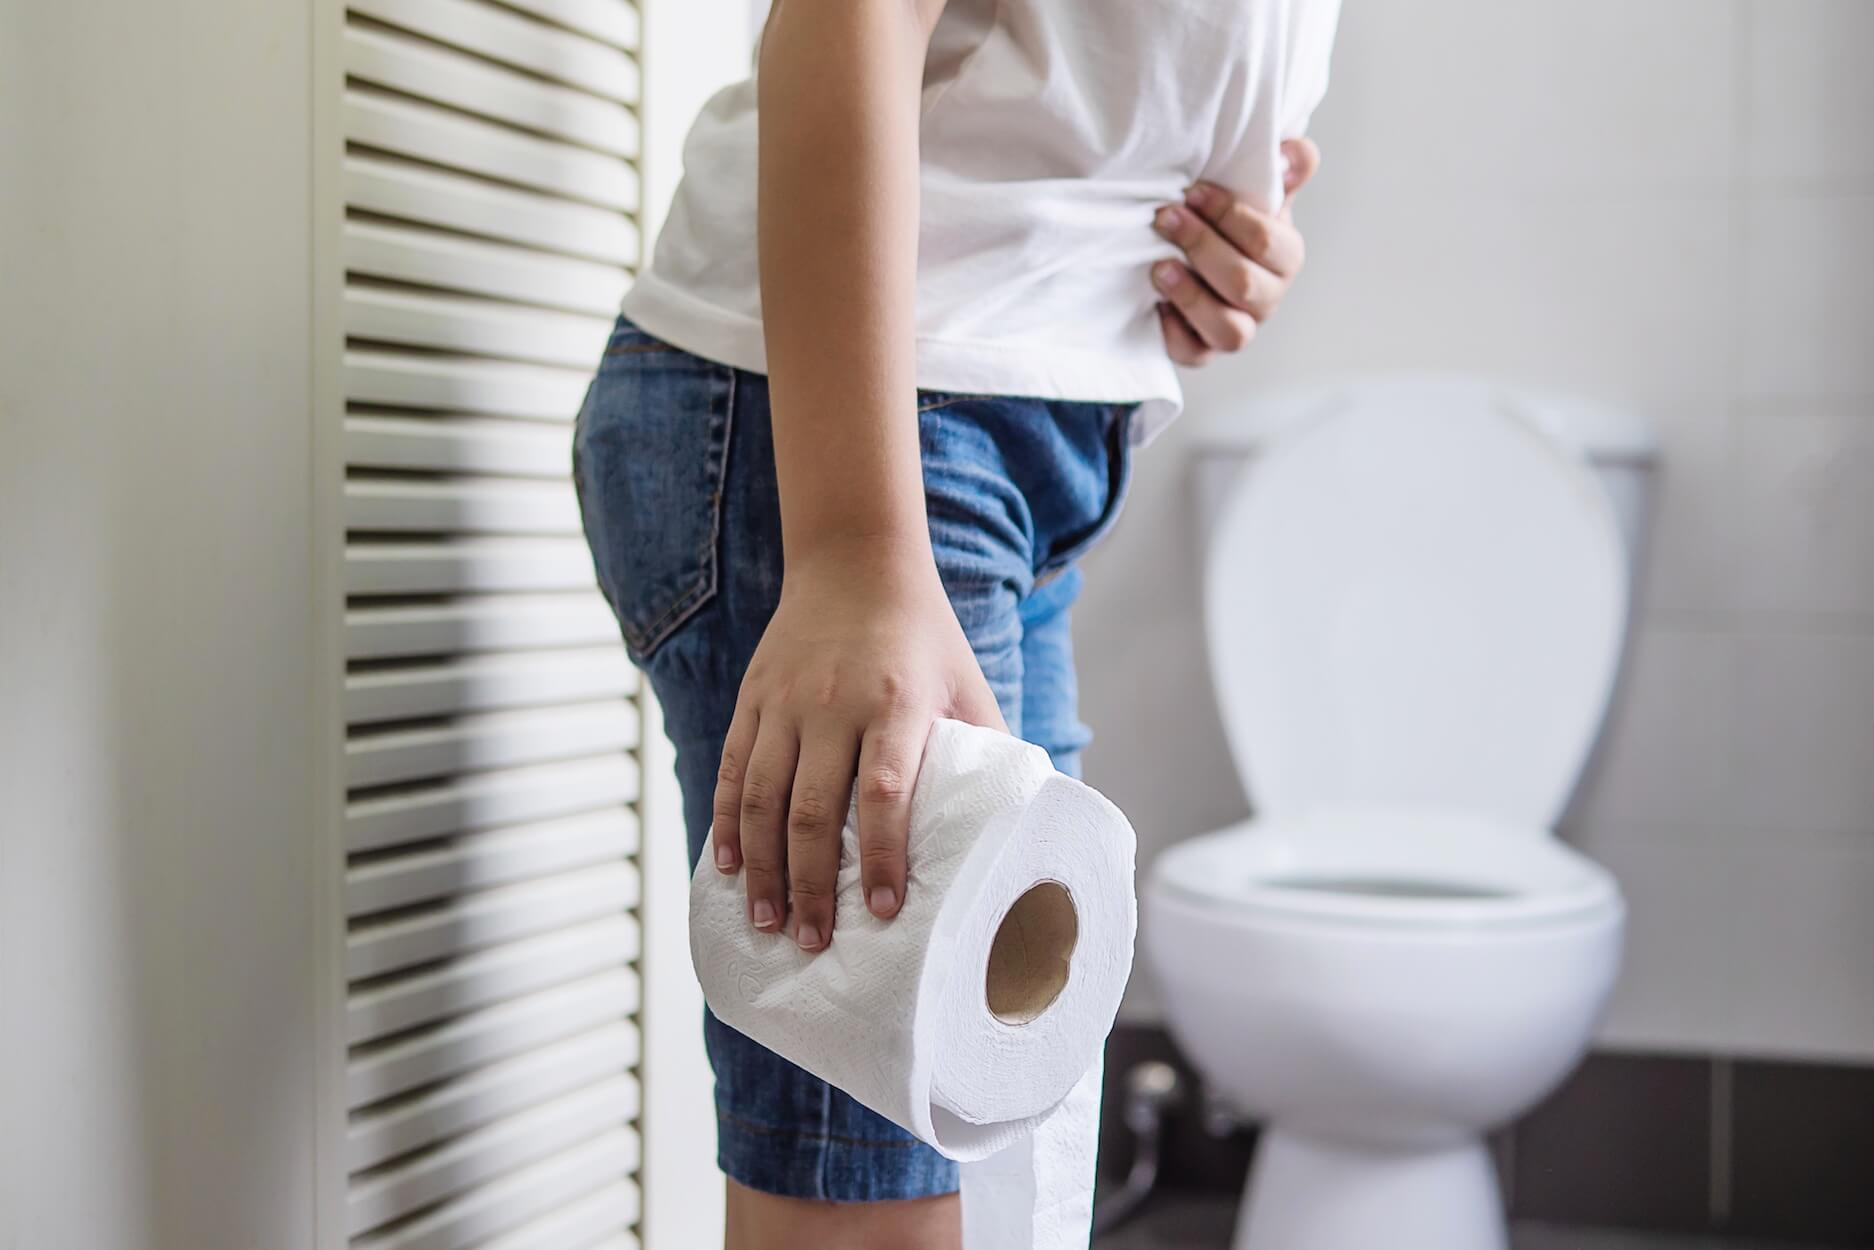 fisura incontinencia